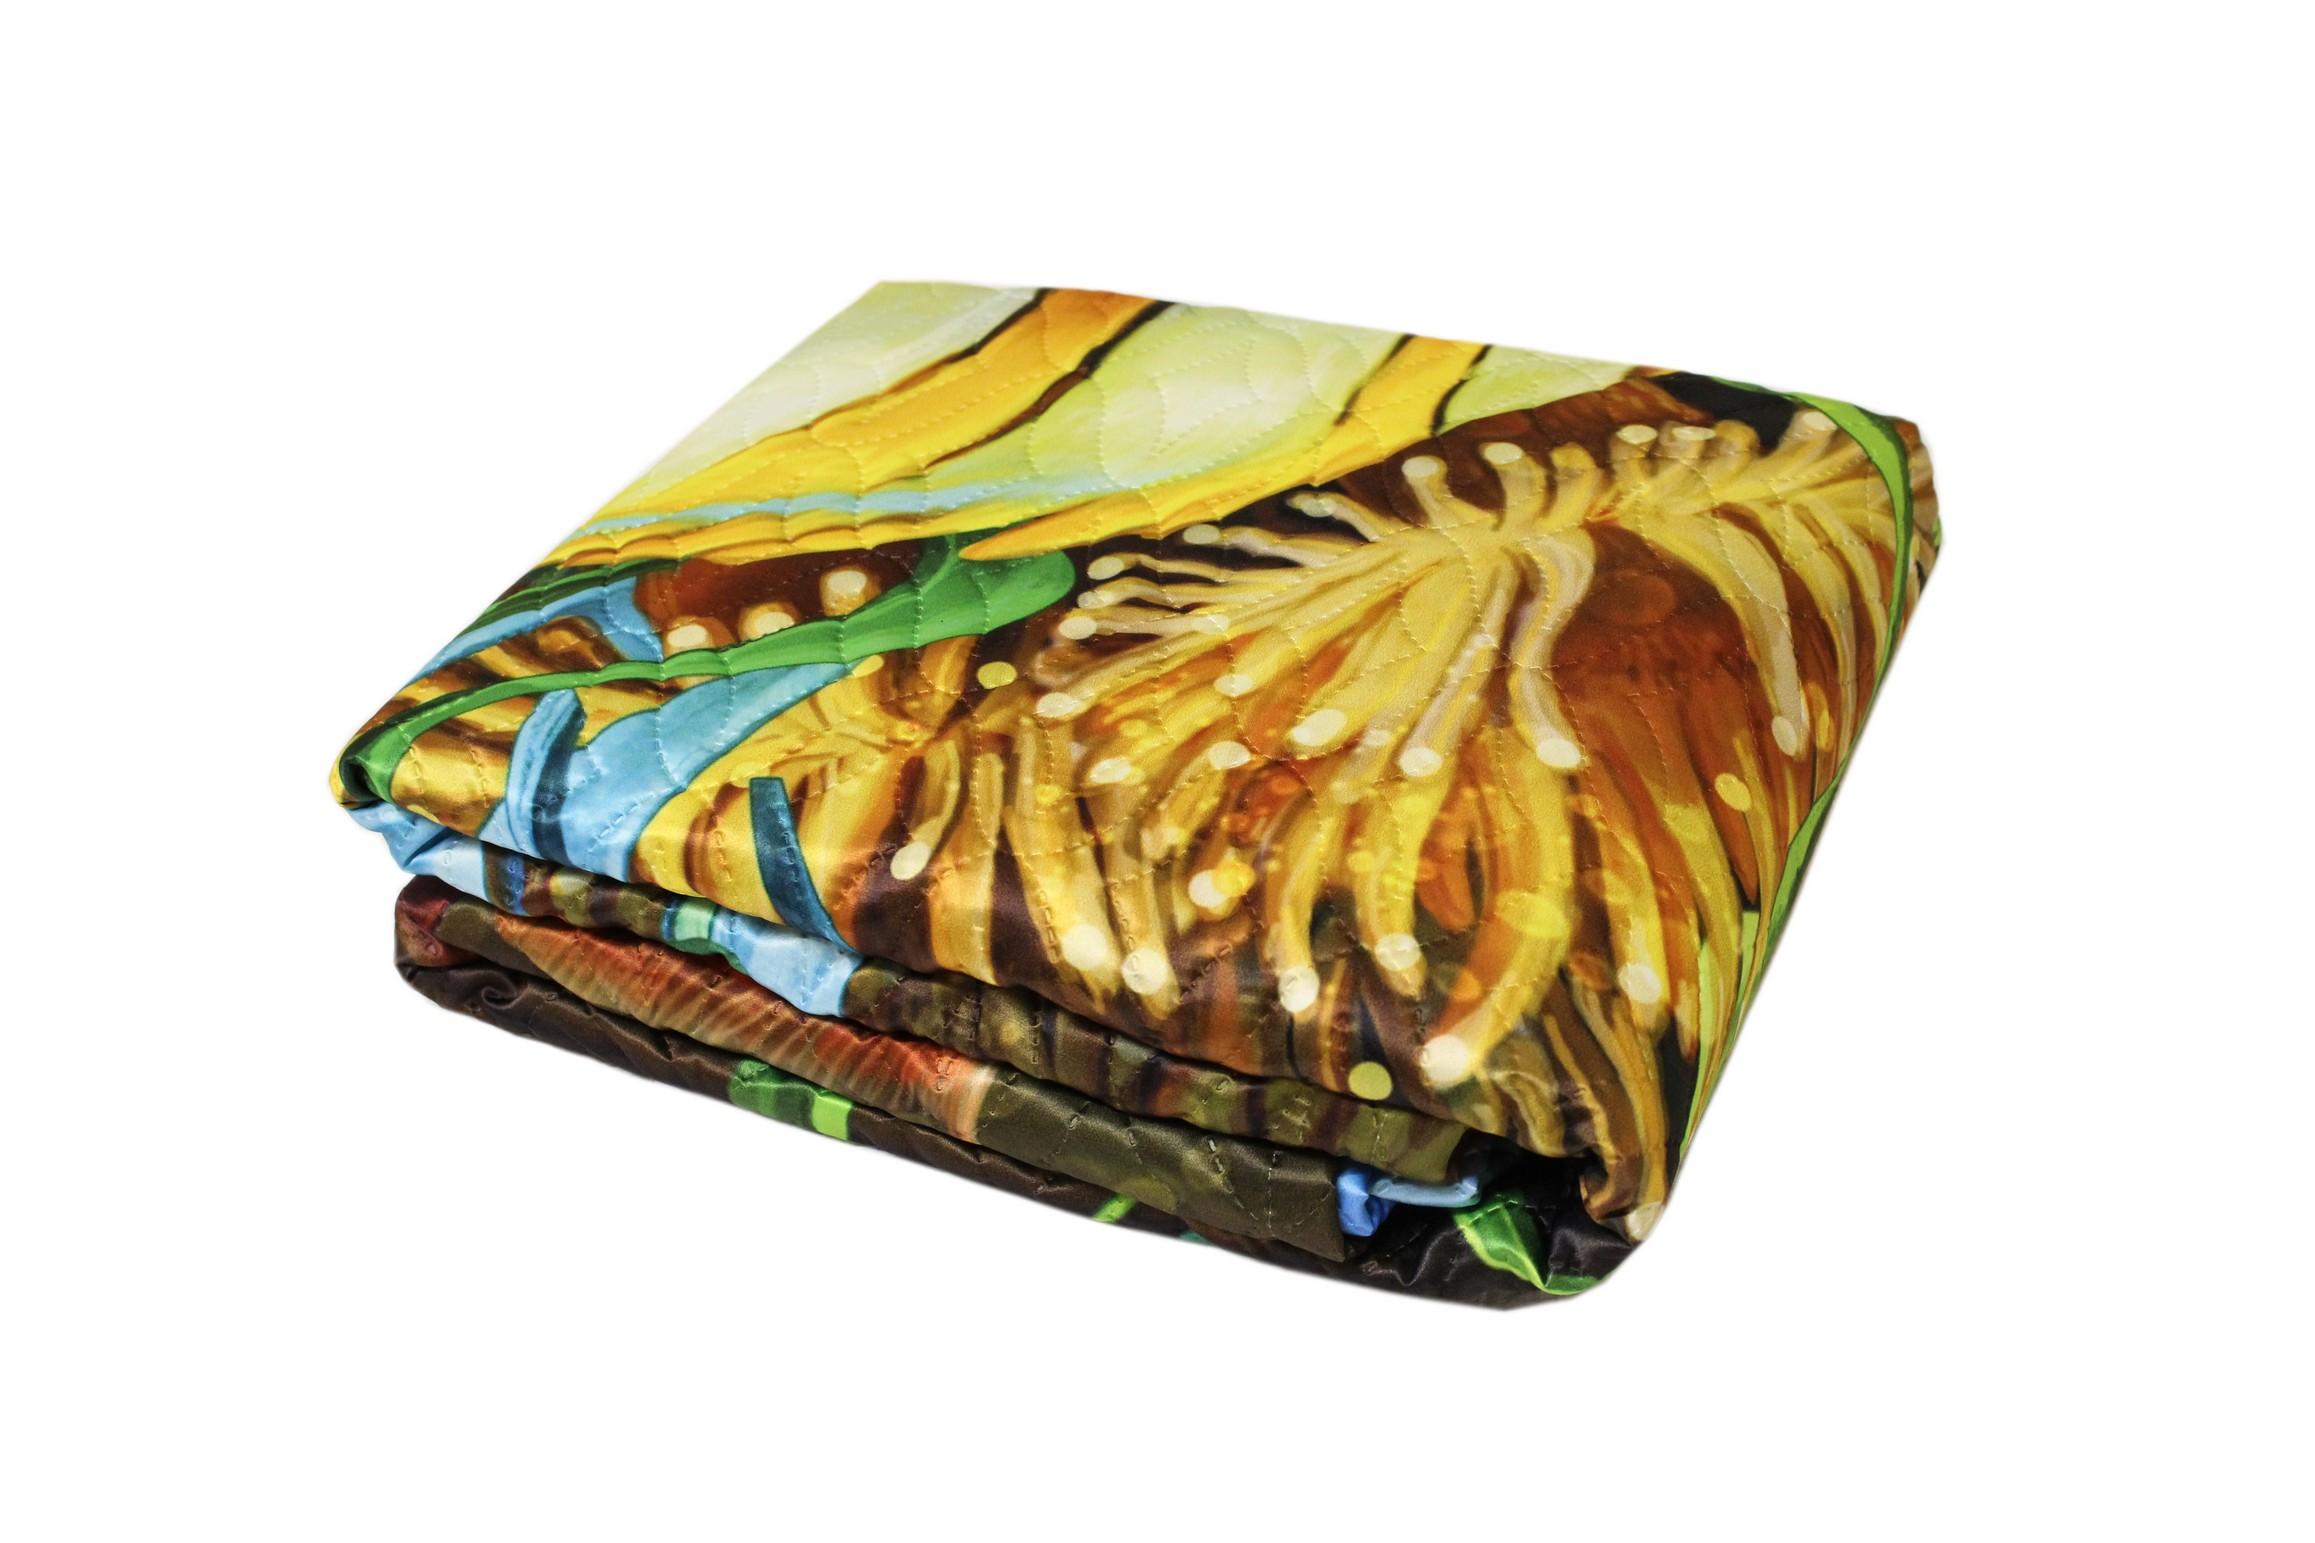 Купить Пледы и покрывала StickButik, Покрывало Ephah (140х200 см), Россия, Мультиколор, Синтетический сатин